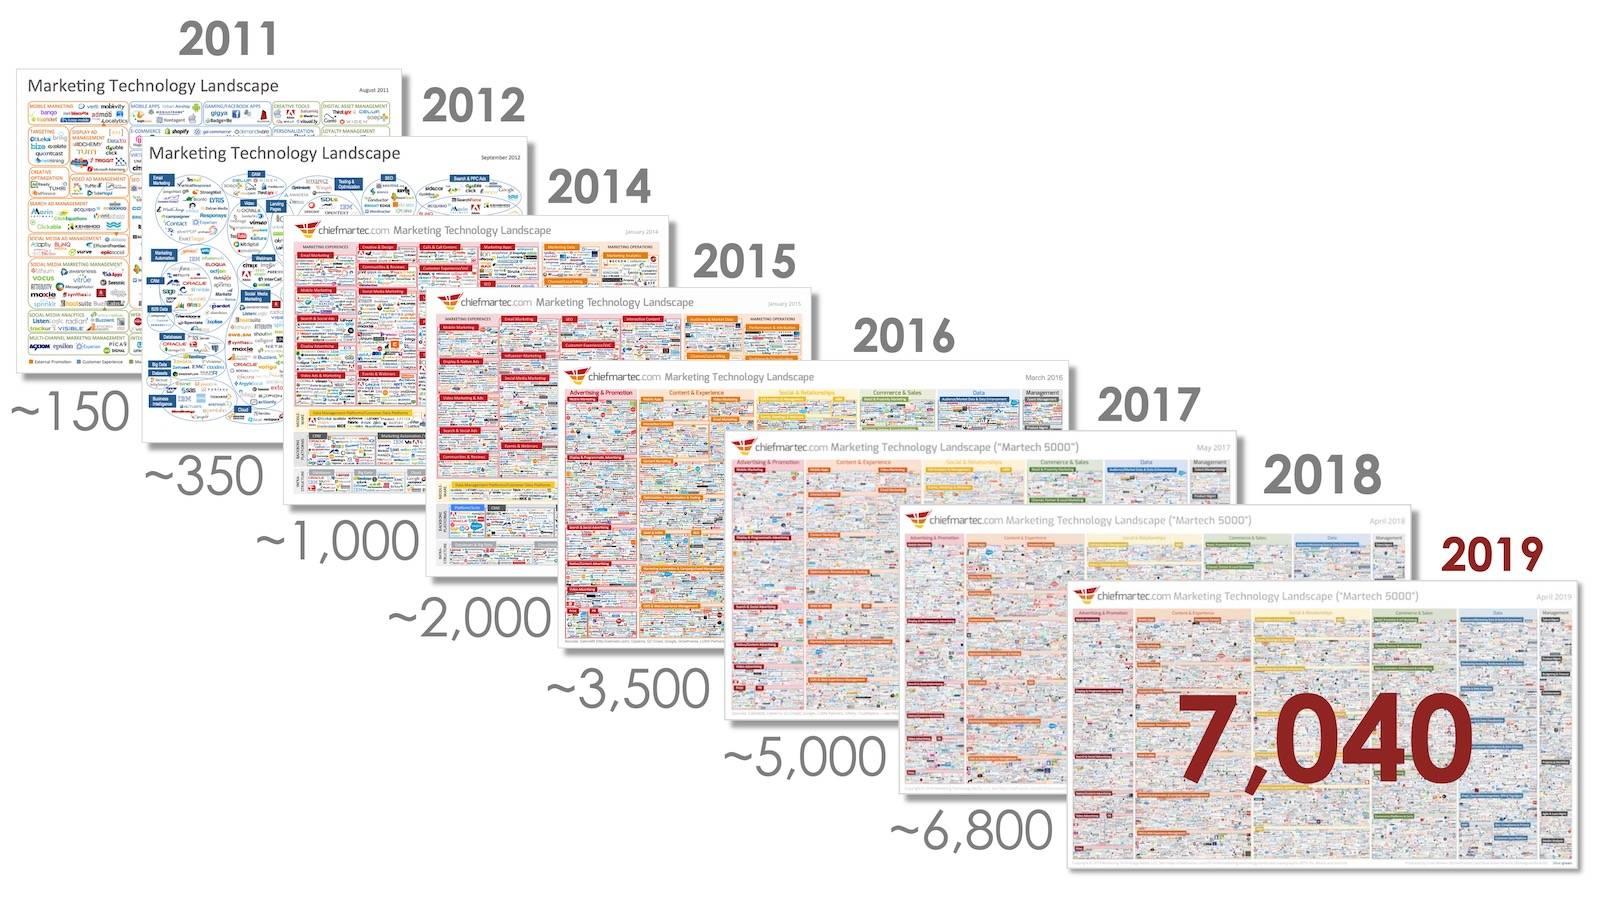 マーケティングテクノロジソリューションの数が、2011 年の約 150 種から 2019 年には 7,000 種超に増大しています。